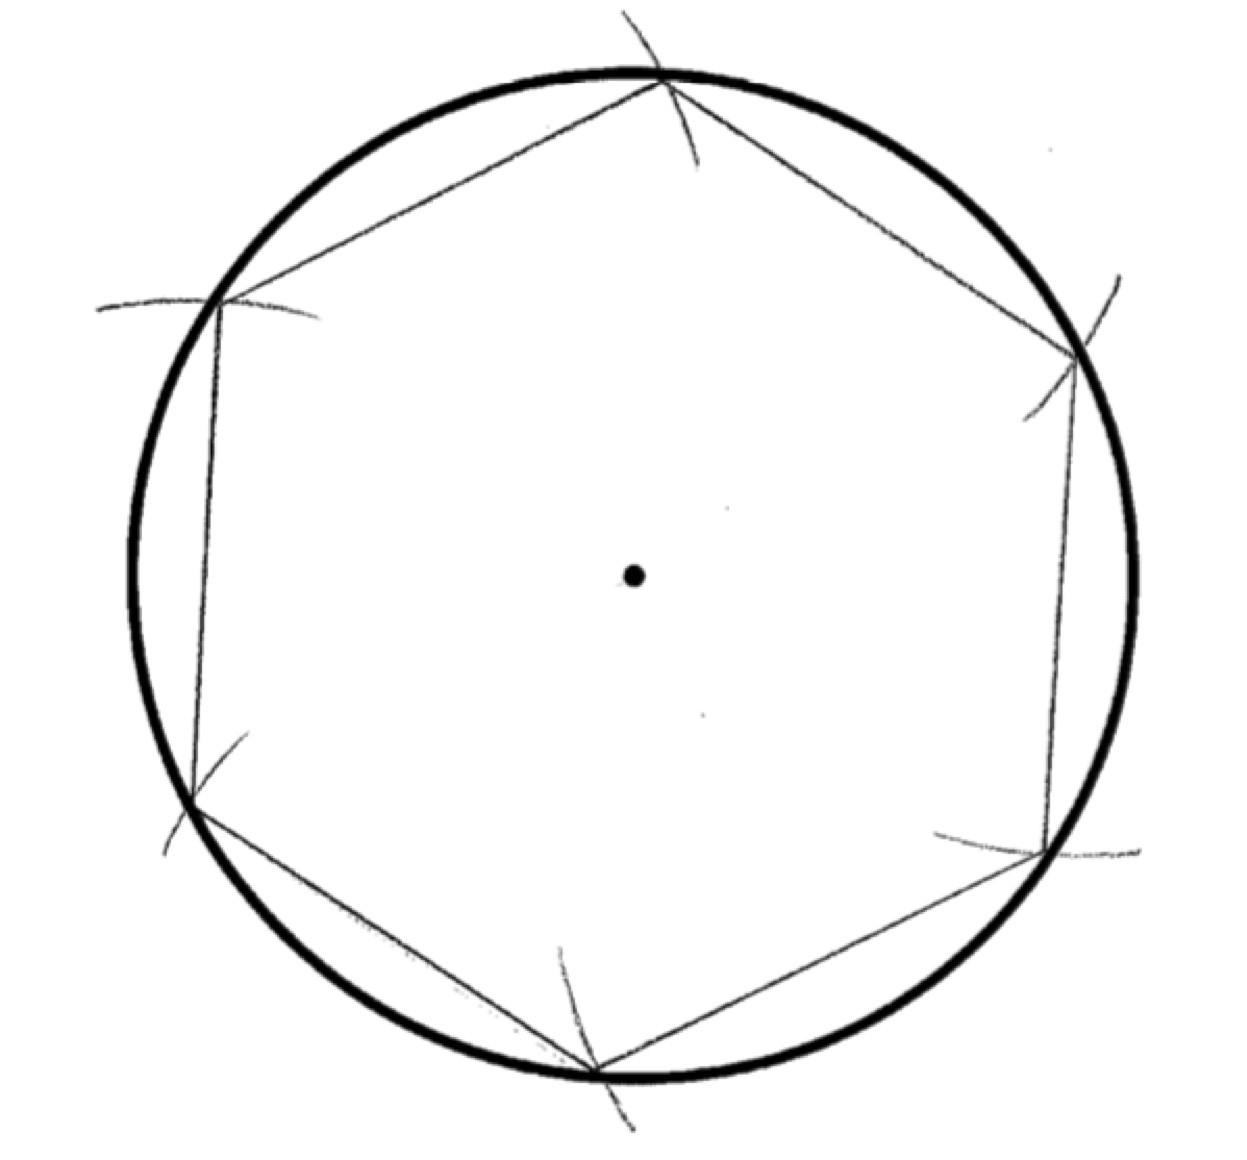 Exagon for pi